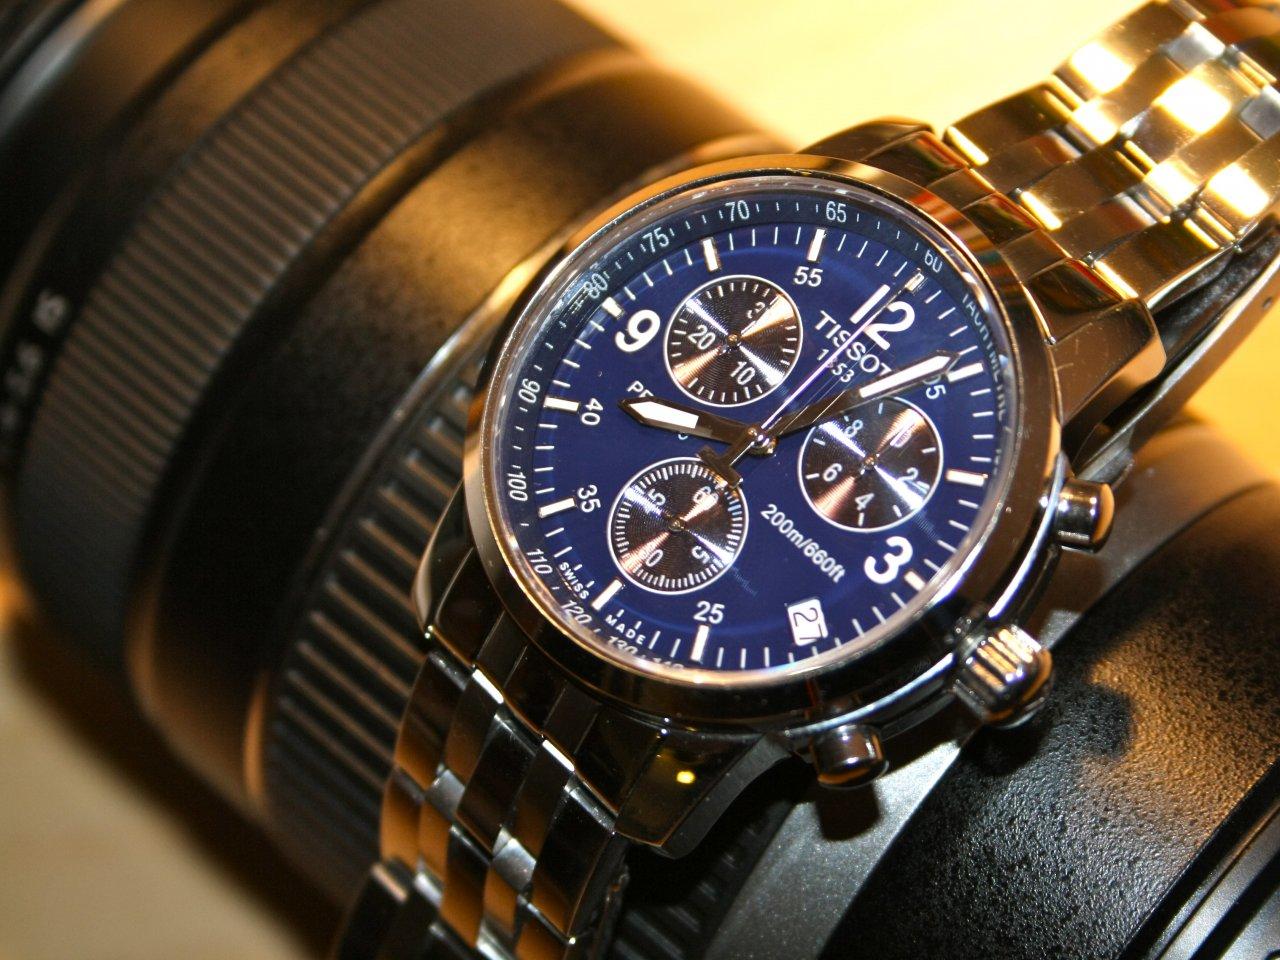 Đồng hồ Tissot nam T17.1.586.42 mạnh mẽ và lịch sự